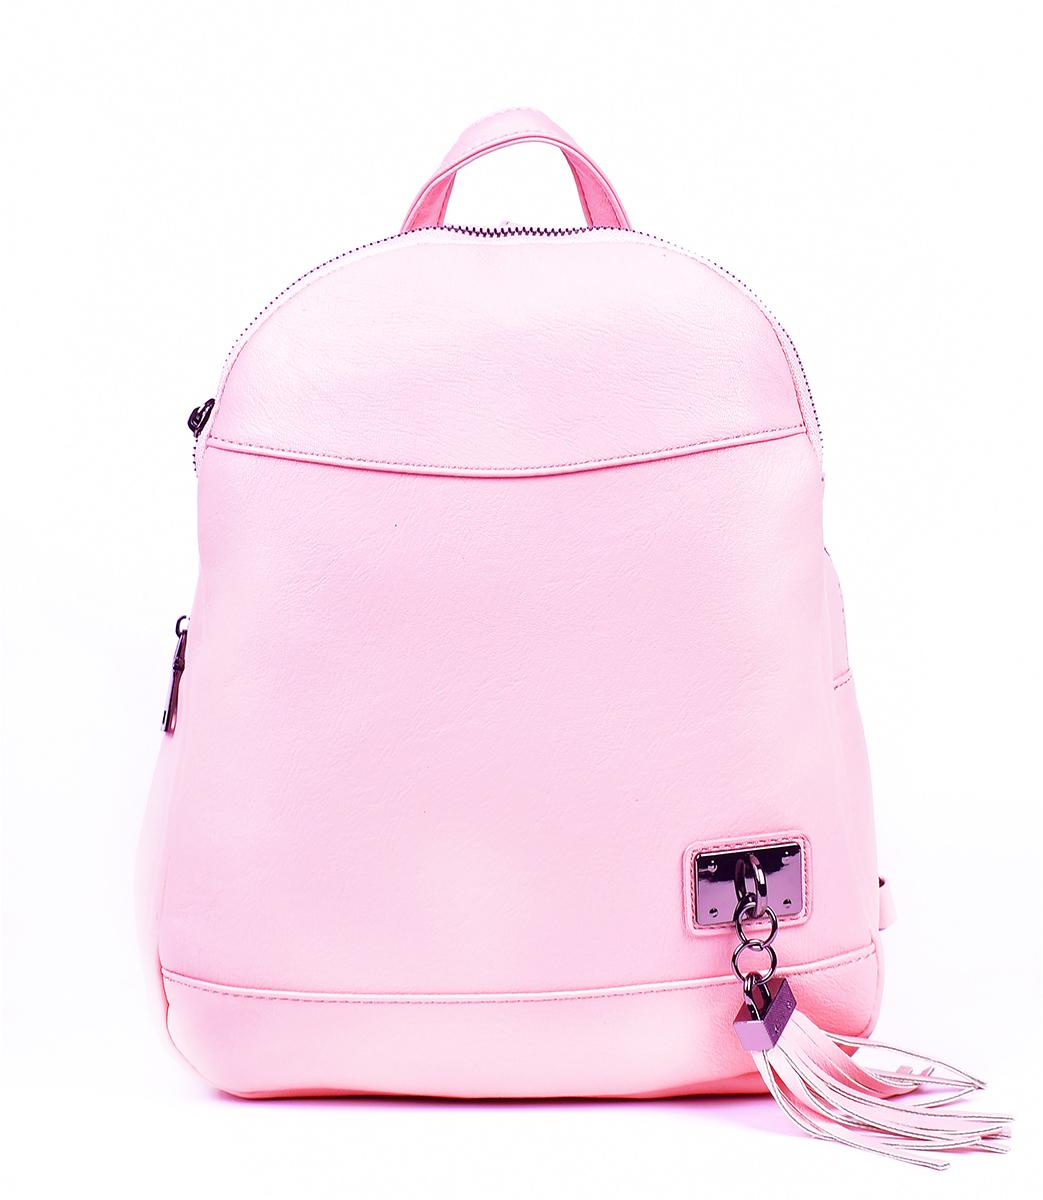 Рюкзак женский Baggini, цвет: розовый. 29505/63